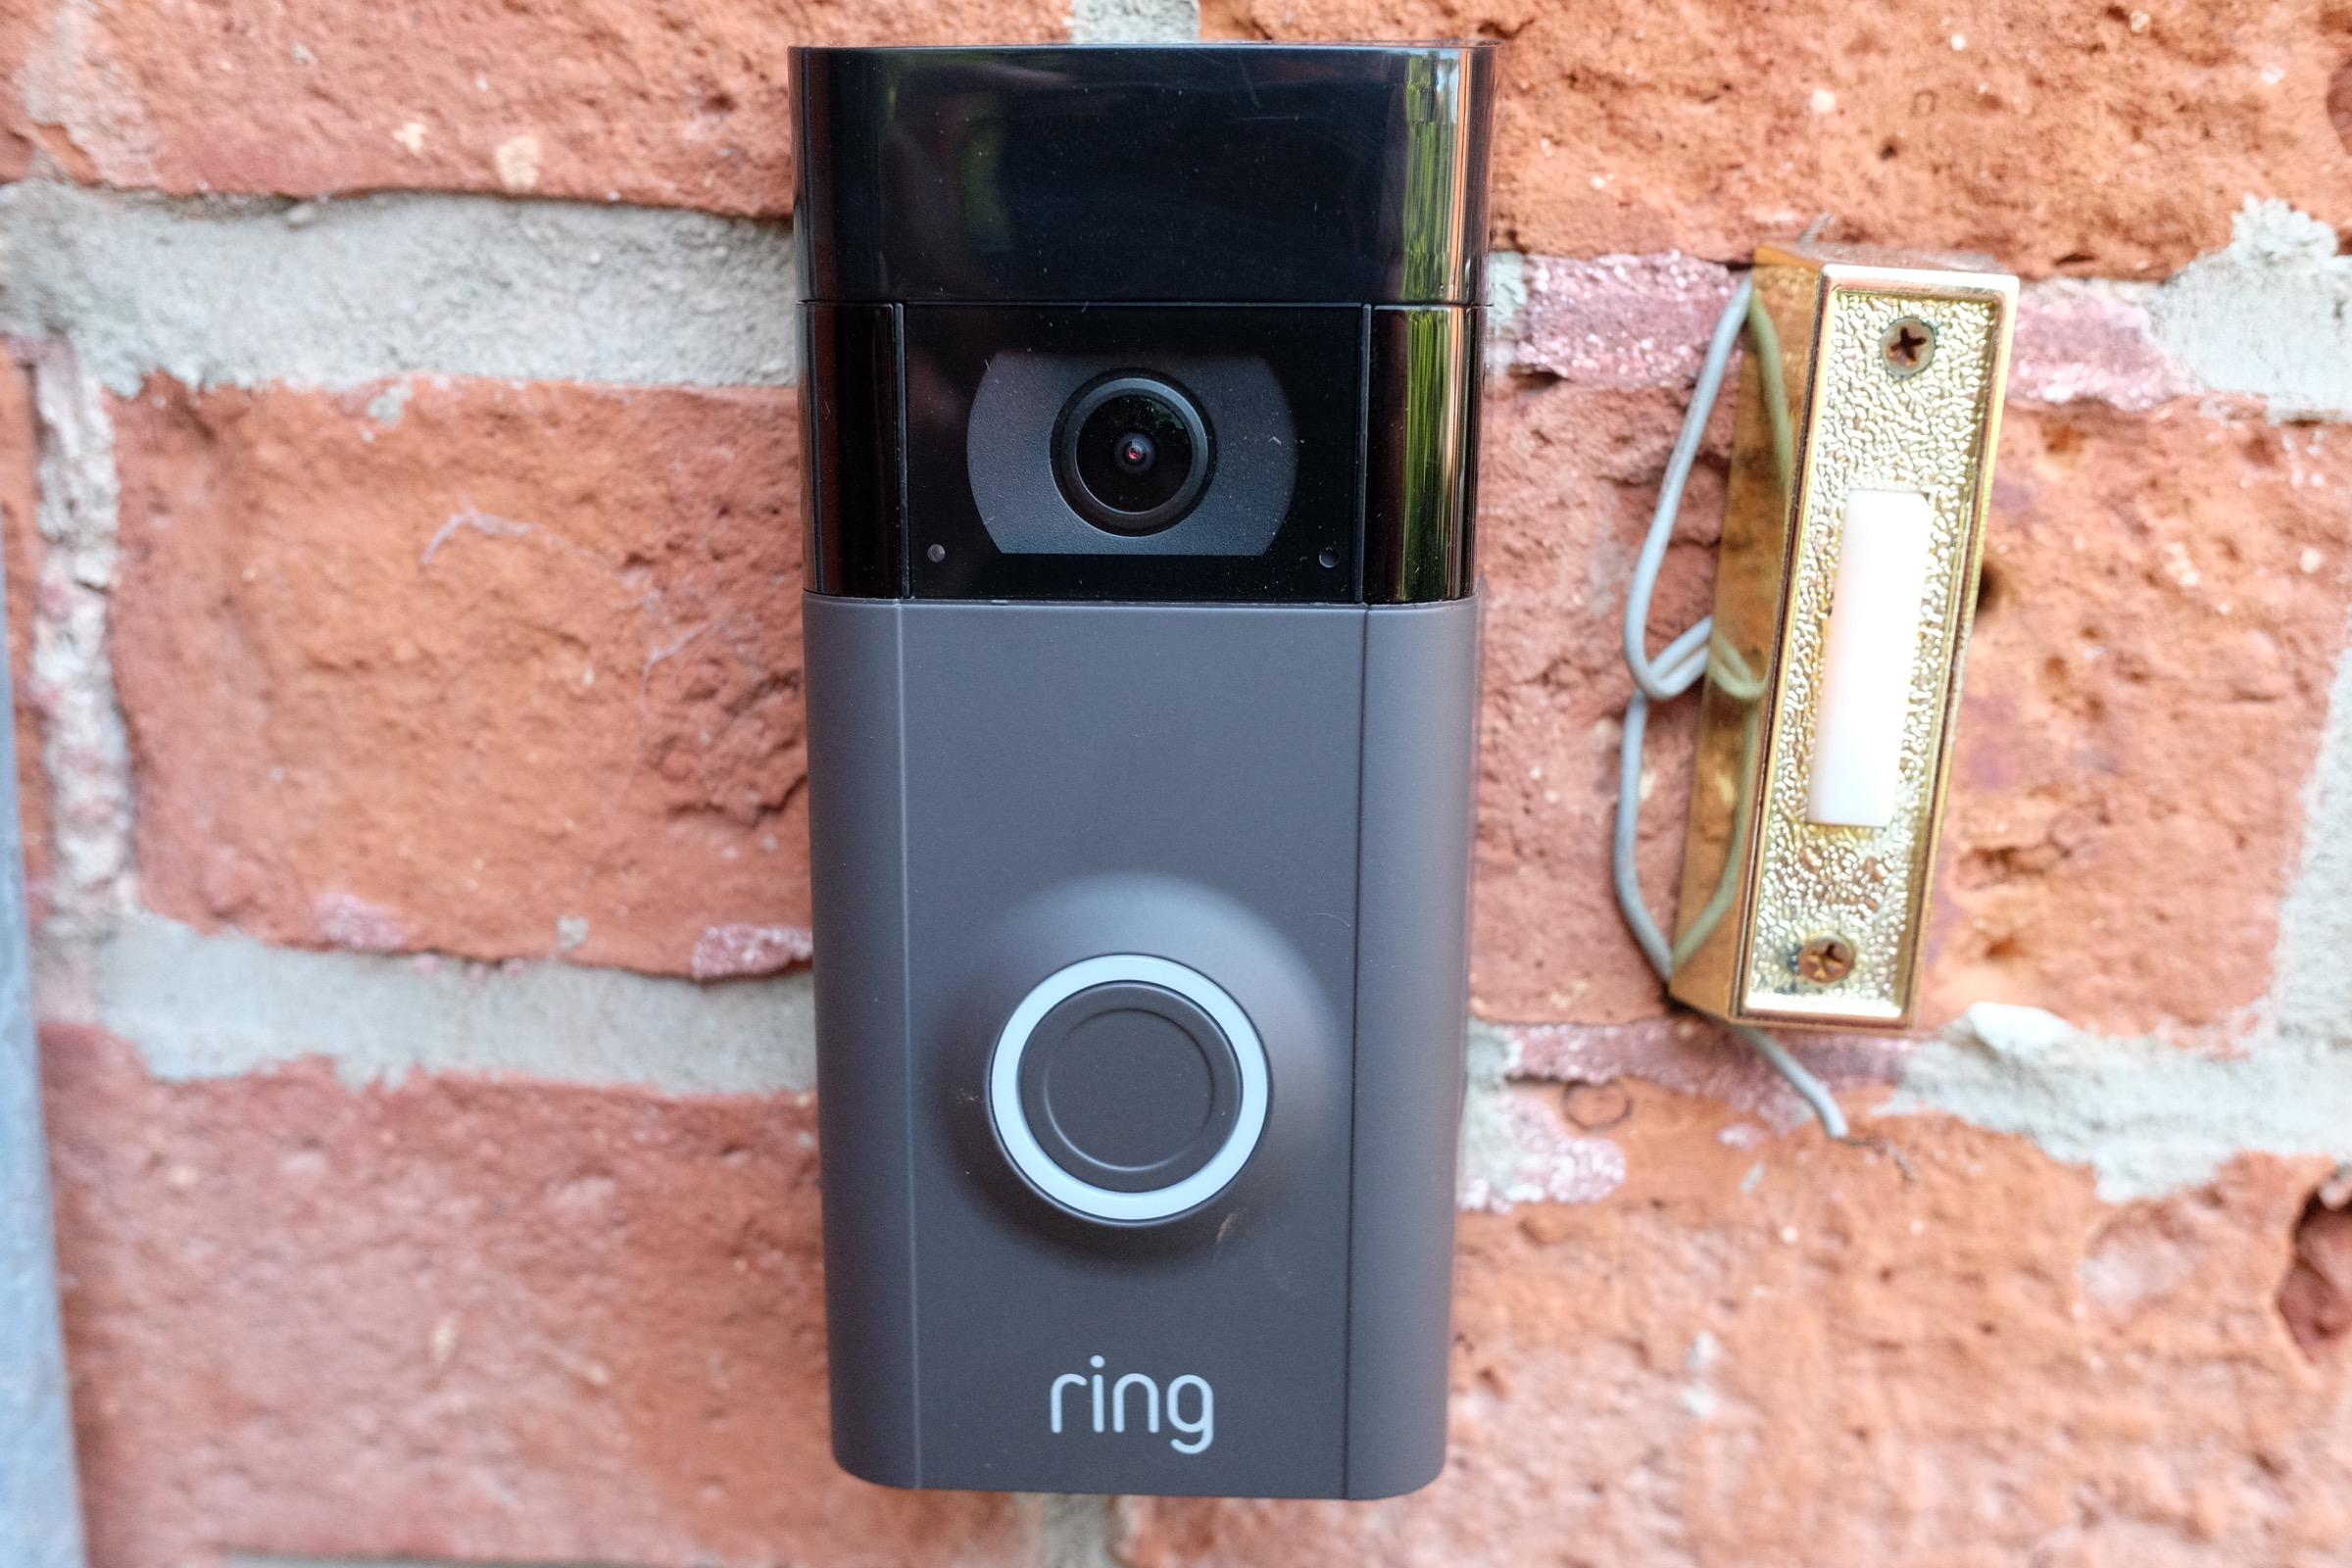 The Ring Video Doorbell 2 is the most flexible connected video doorbell – TechCrunch